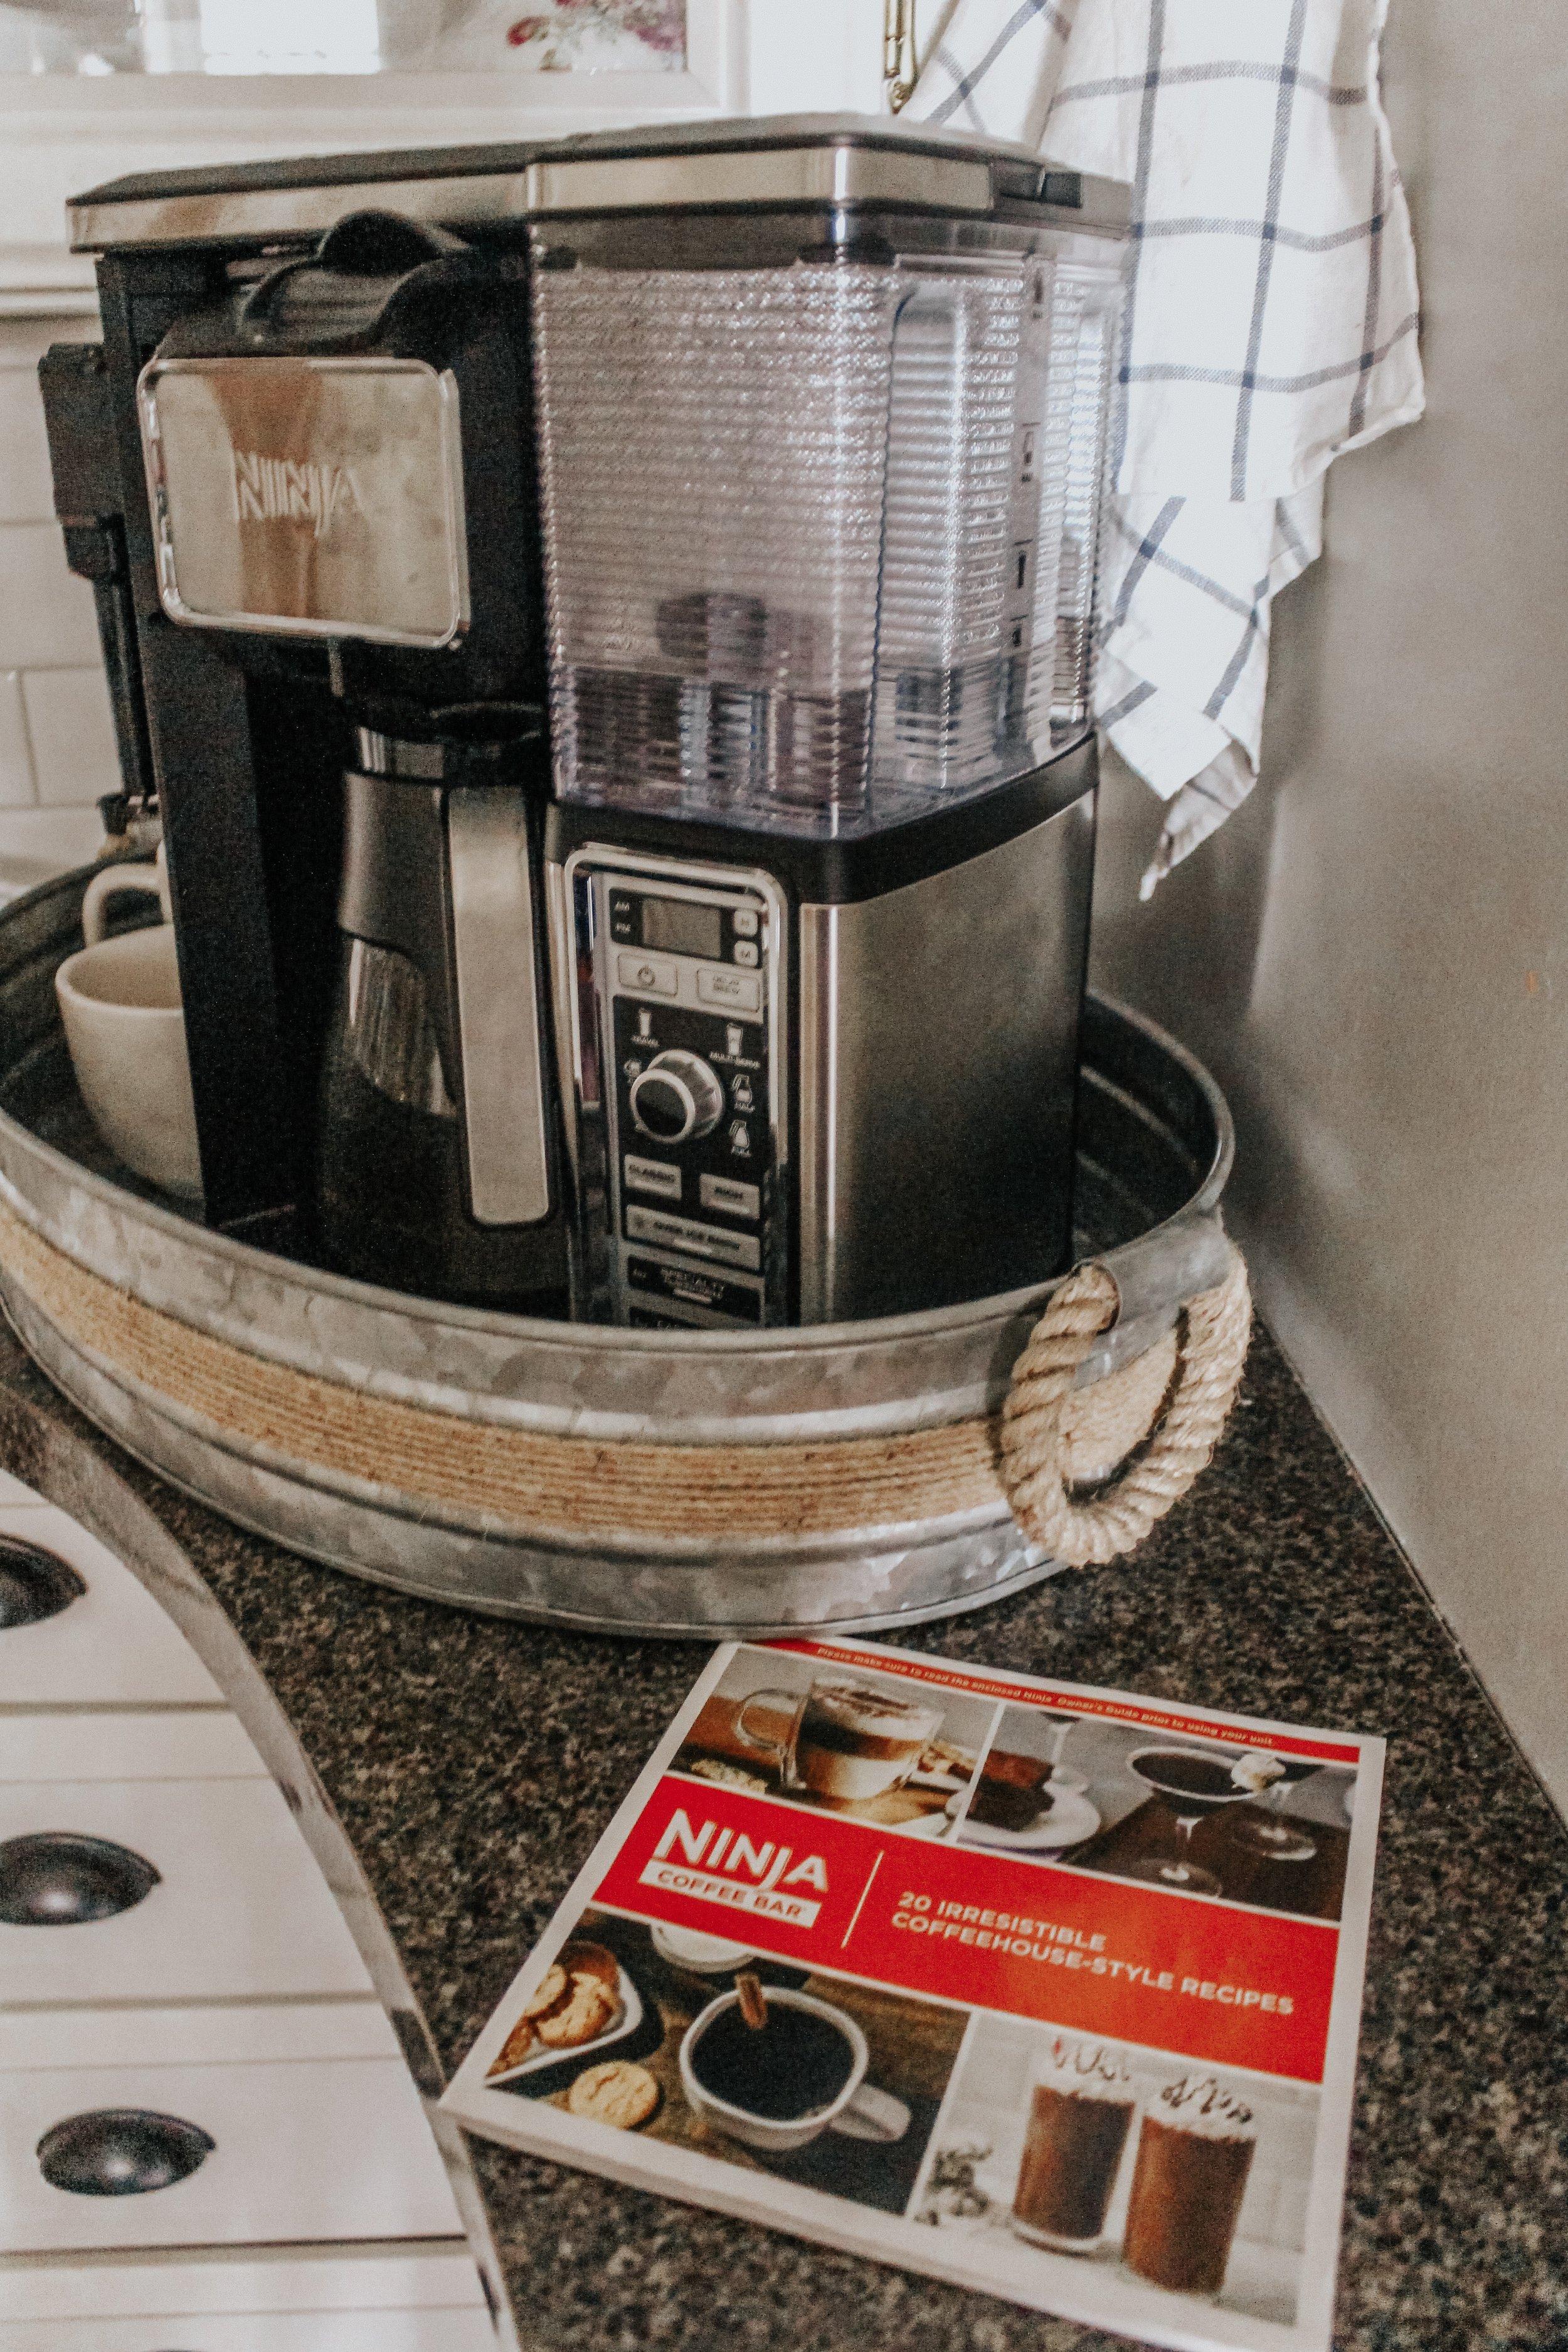 Ninja coffee bar recipe book